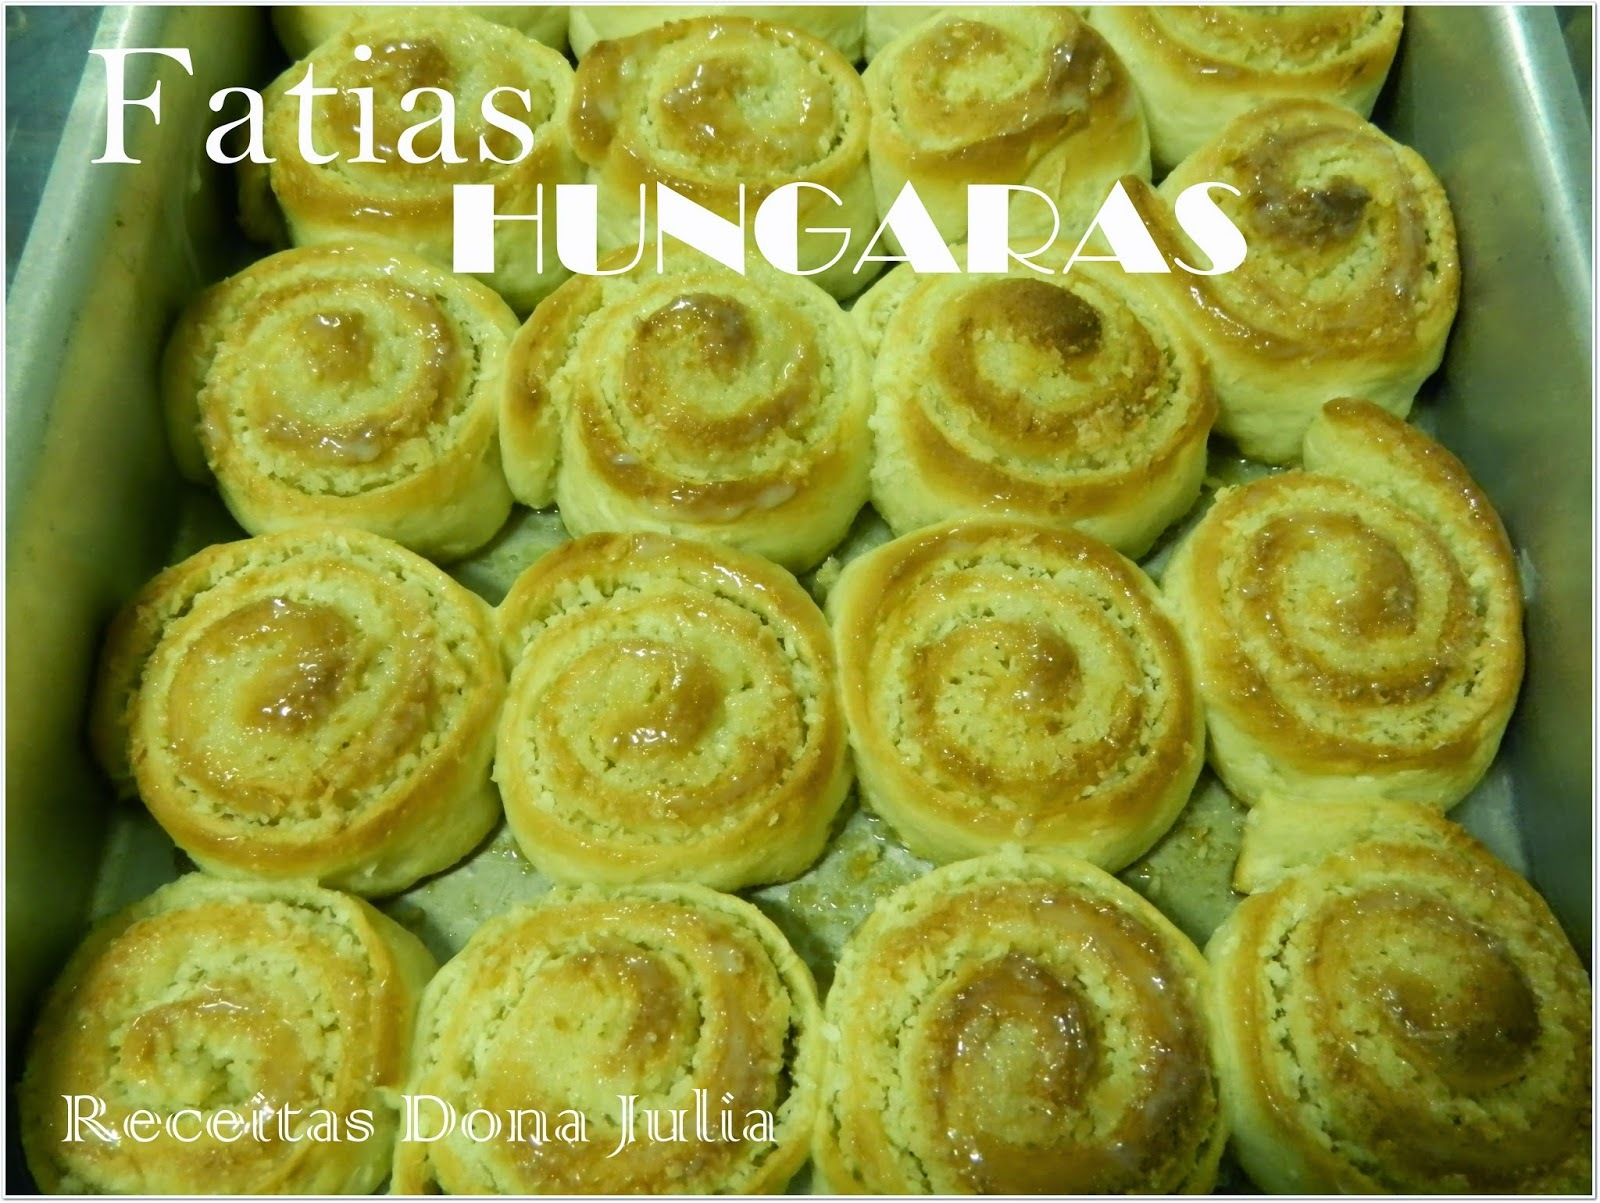 FATIAS HUNGARAS